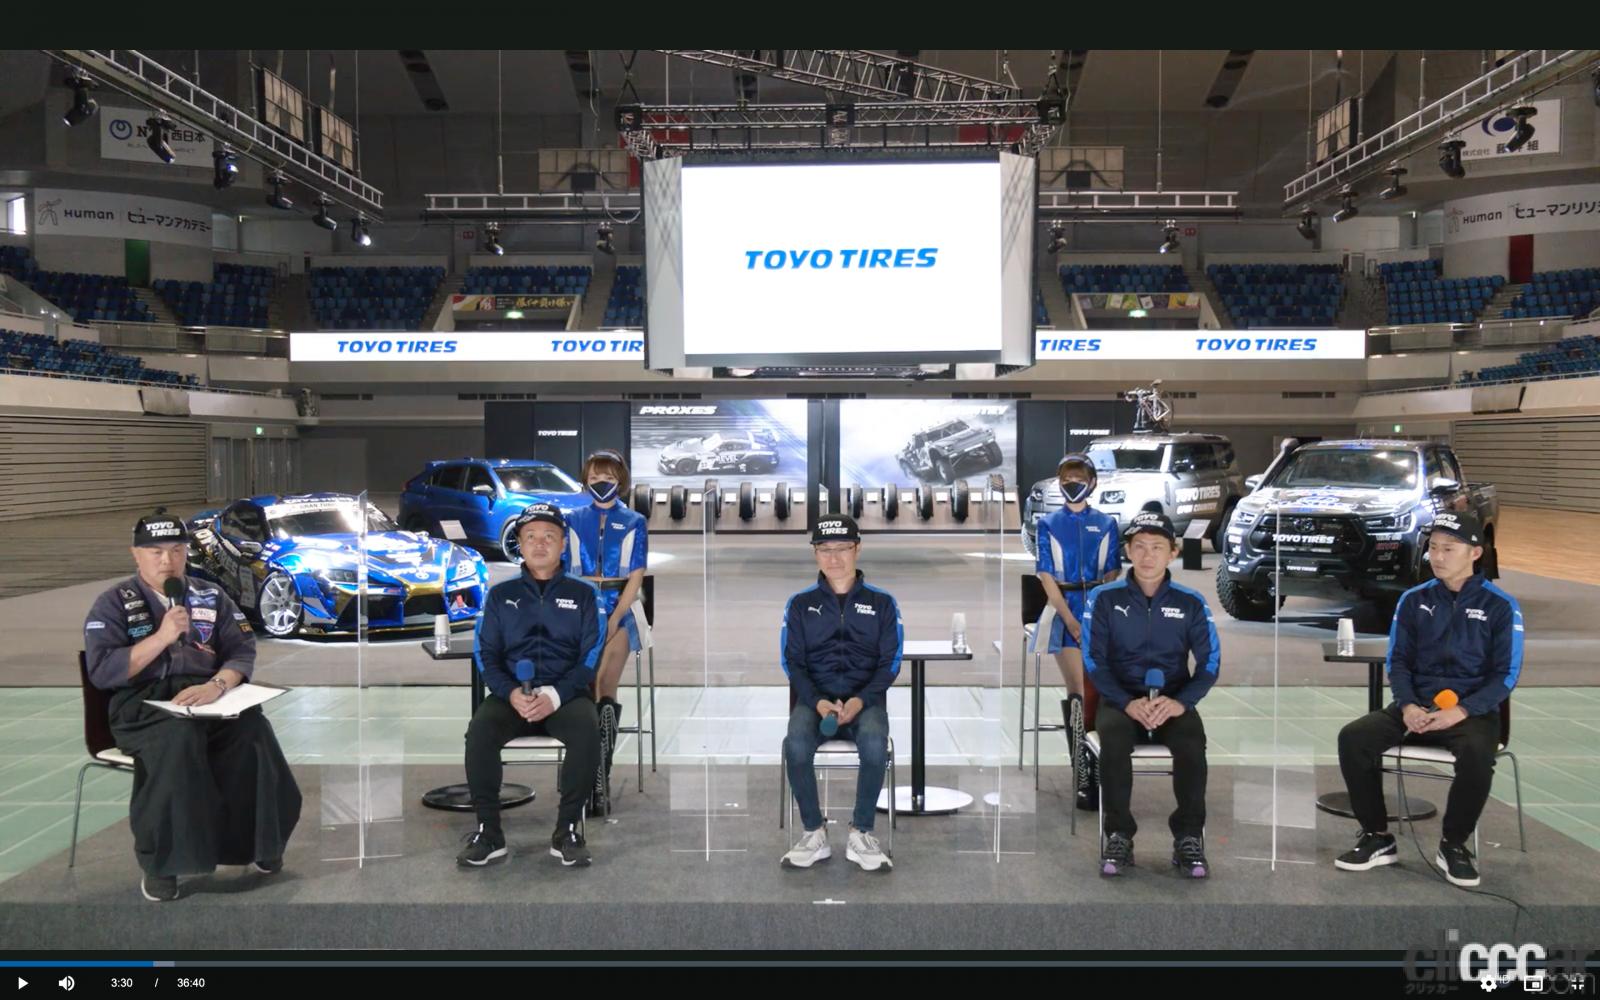 TOYO TIRESスペシャル D1 ファンミーティング